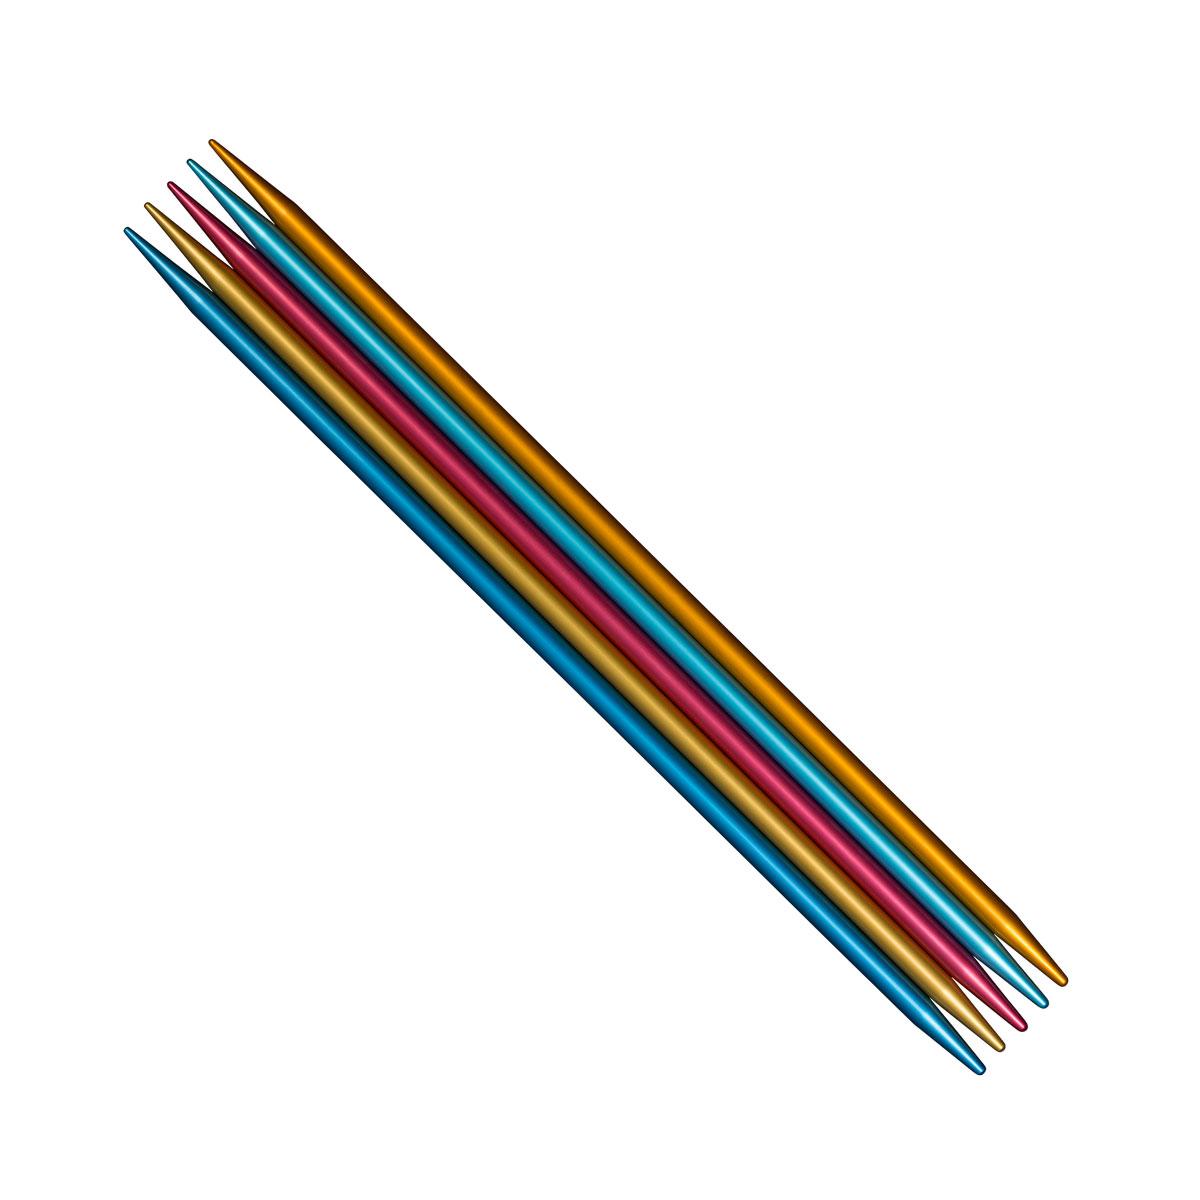 ADDI Спицы, чулочные, сверхлегкие Colibri, №2.5, 20 см, 5 шт204-7/2.5-20Спицы Colibris имеют отличительный цвет и структуру. За счет полого и легкого материала руки при вязании практически не устают, что особенно важно при вязании спицами толстых размеров. Внешняя поверхность спиц особенно гладкая, а ощущения от вязания самые комфортные, так как материал быстро принимает тепло рук. Полное отсутствие соединений, либо каких-то плохо обработанных кончиков, как на пластике. Каждая спица блестит за счет своей анодированной пестрой поверхности, что особенно нравится молодой аудитории. Яркий цвет часто является козырем, как и в пряже для ручного вязания. Защищенная патентом технология чулочной спицы имеет неоспоримое преимущество. Потребитель приобретает продукт, у которого две различные функции, так как это две спицы с коротким и длинным кончиком одновременно. Комплекты толщиной от 5,5 мм имеют 23 см длинны вместо 20 см, что является неоспоримым преимуществом при работе с более толстой пряжей, которая обычно занимает много места на спице.